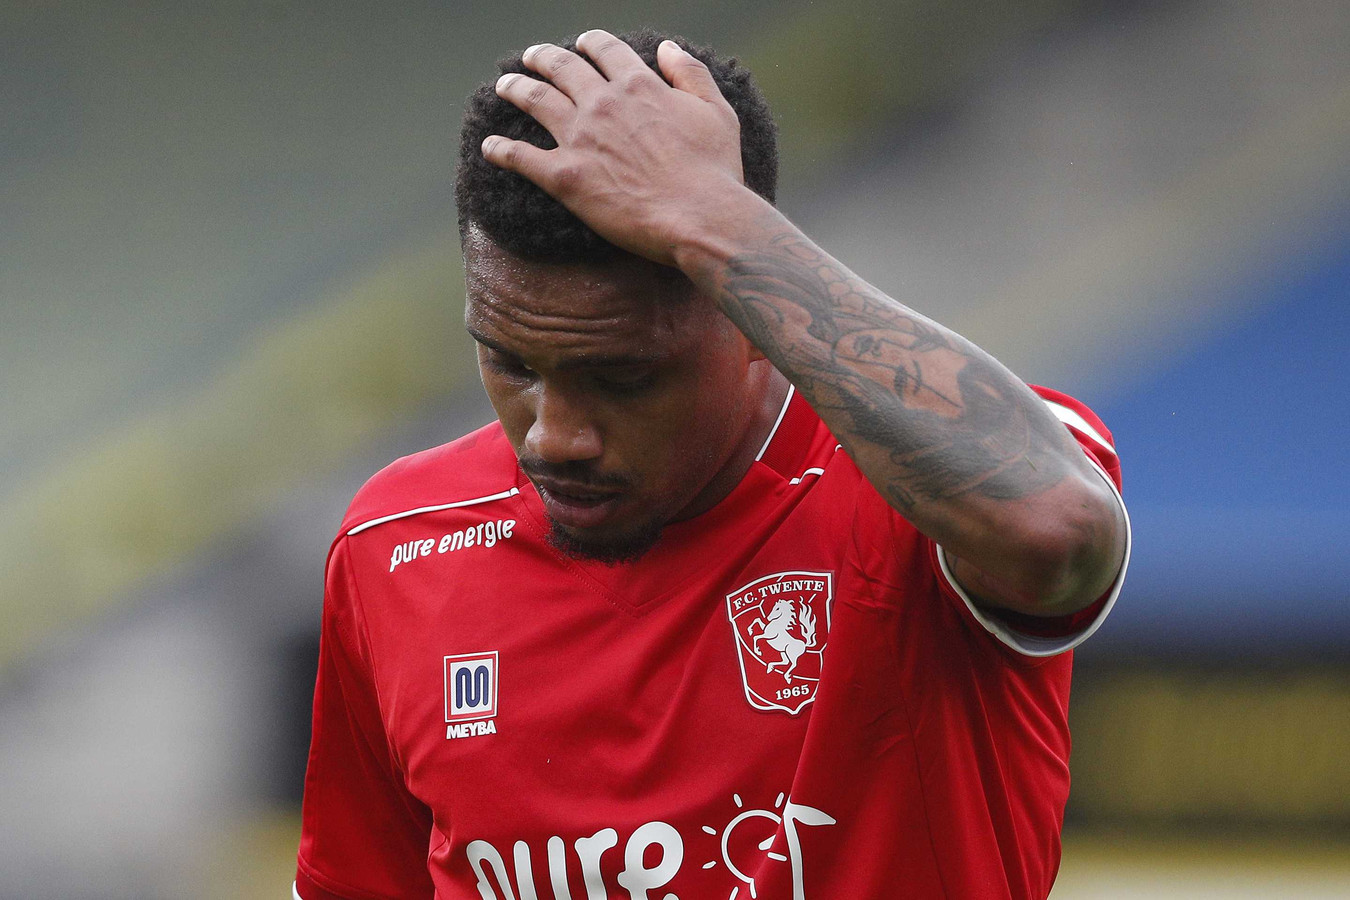 Afscheid in mineur: Danilo mist de laatste wedstrijd voor FC Twente.